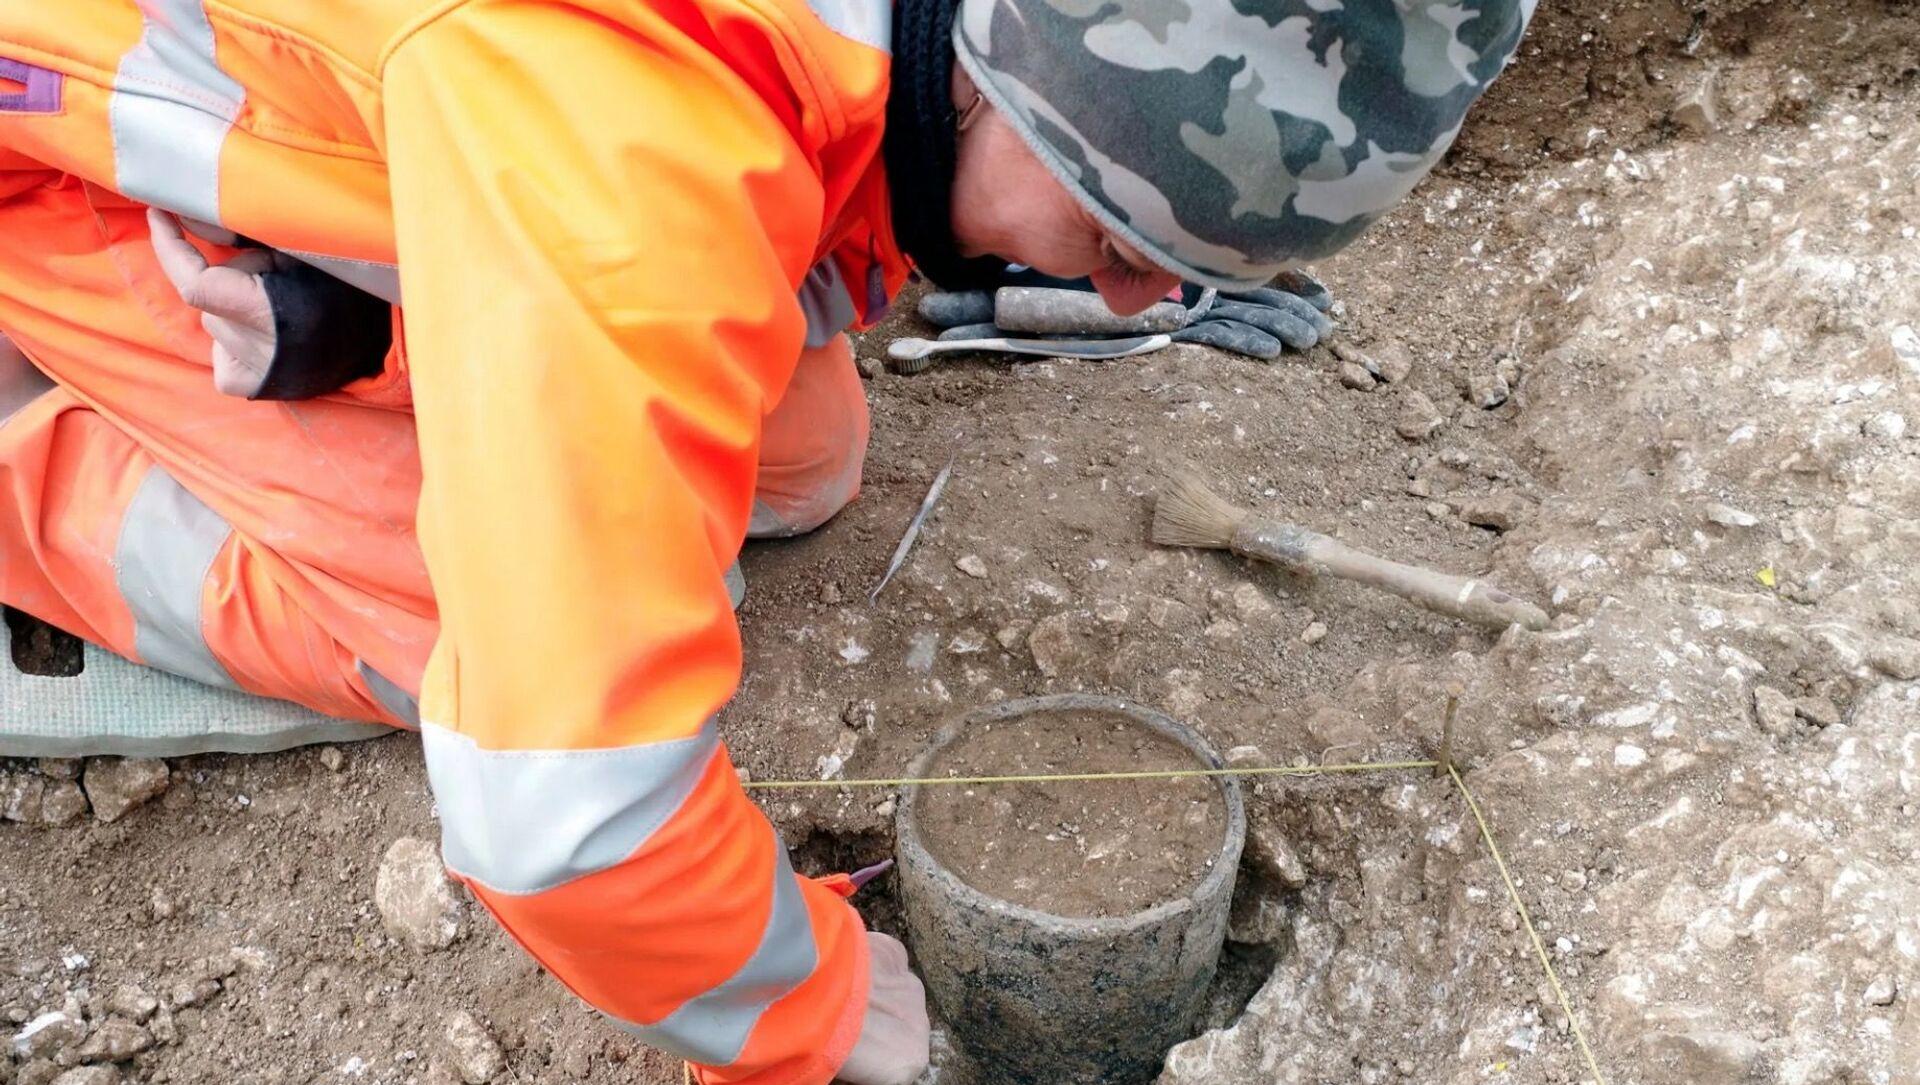 Presso Stonehenge trovato da archeologi misterioso oggetto cilindrico - Sputnik Italia, 1920, 17.02.2021